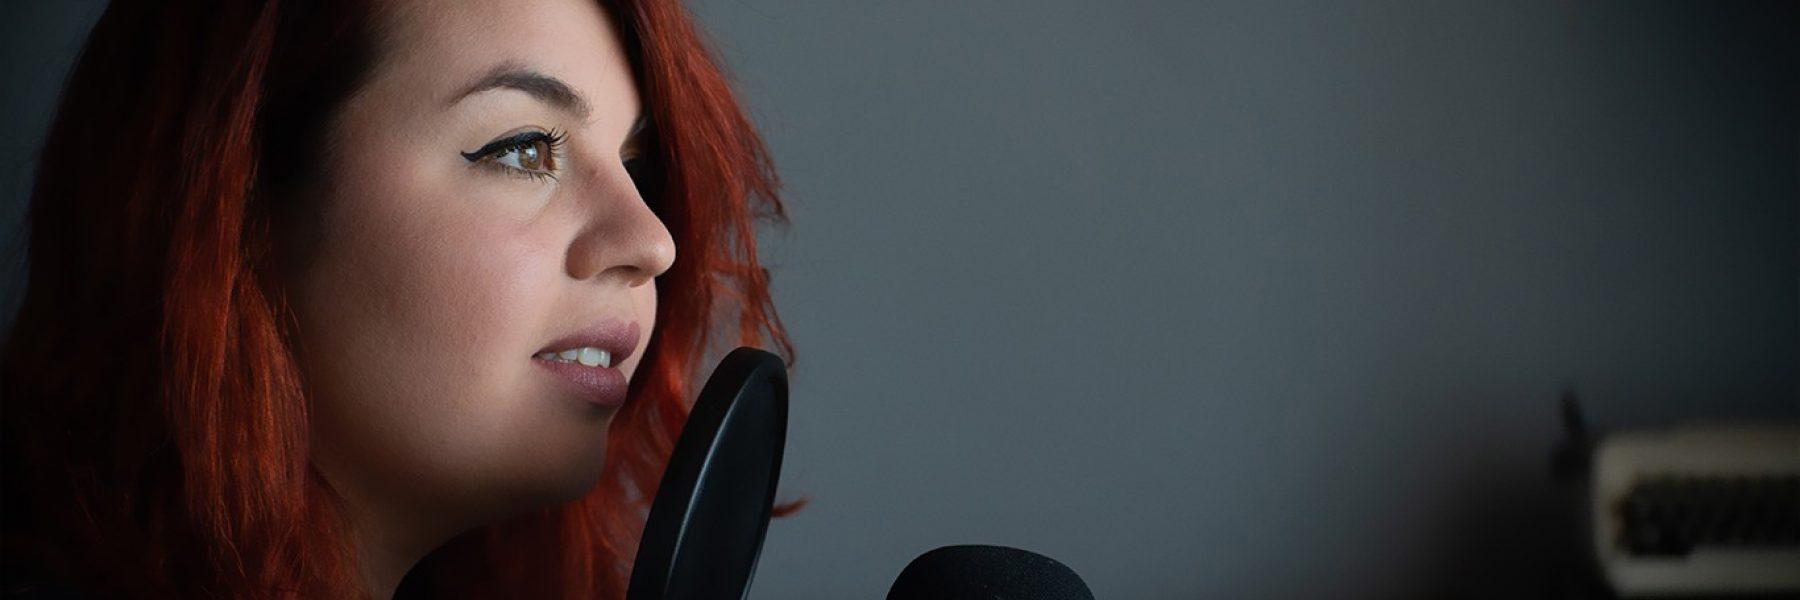 les outils pour podcaster en toute sérénité